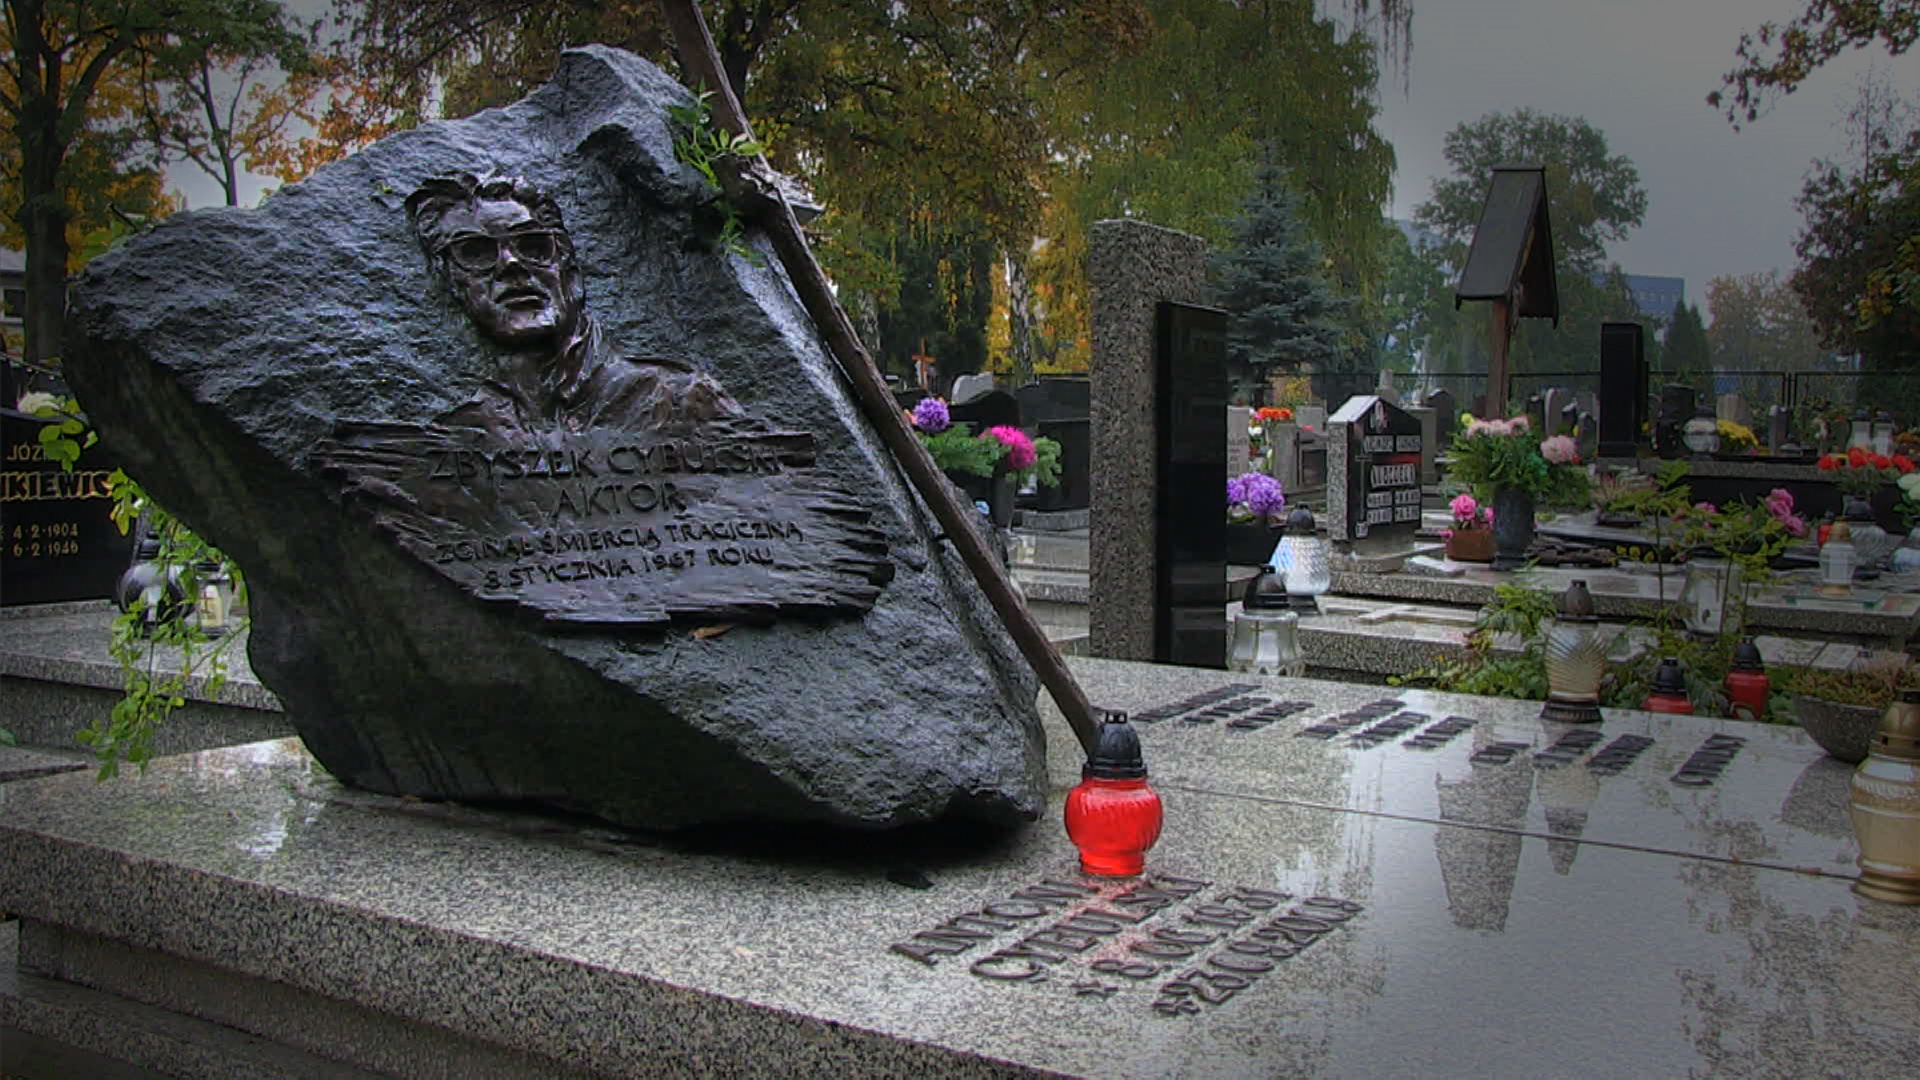 Grób Zbyszka Cybulskiego na cmentarzu w Katowicach, fot. Andrzej Skorski